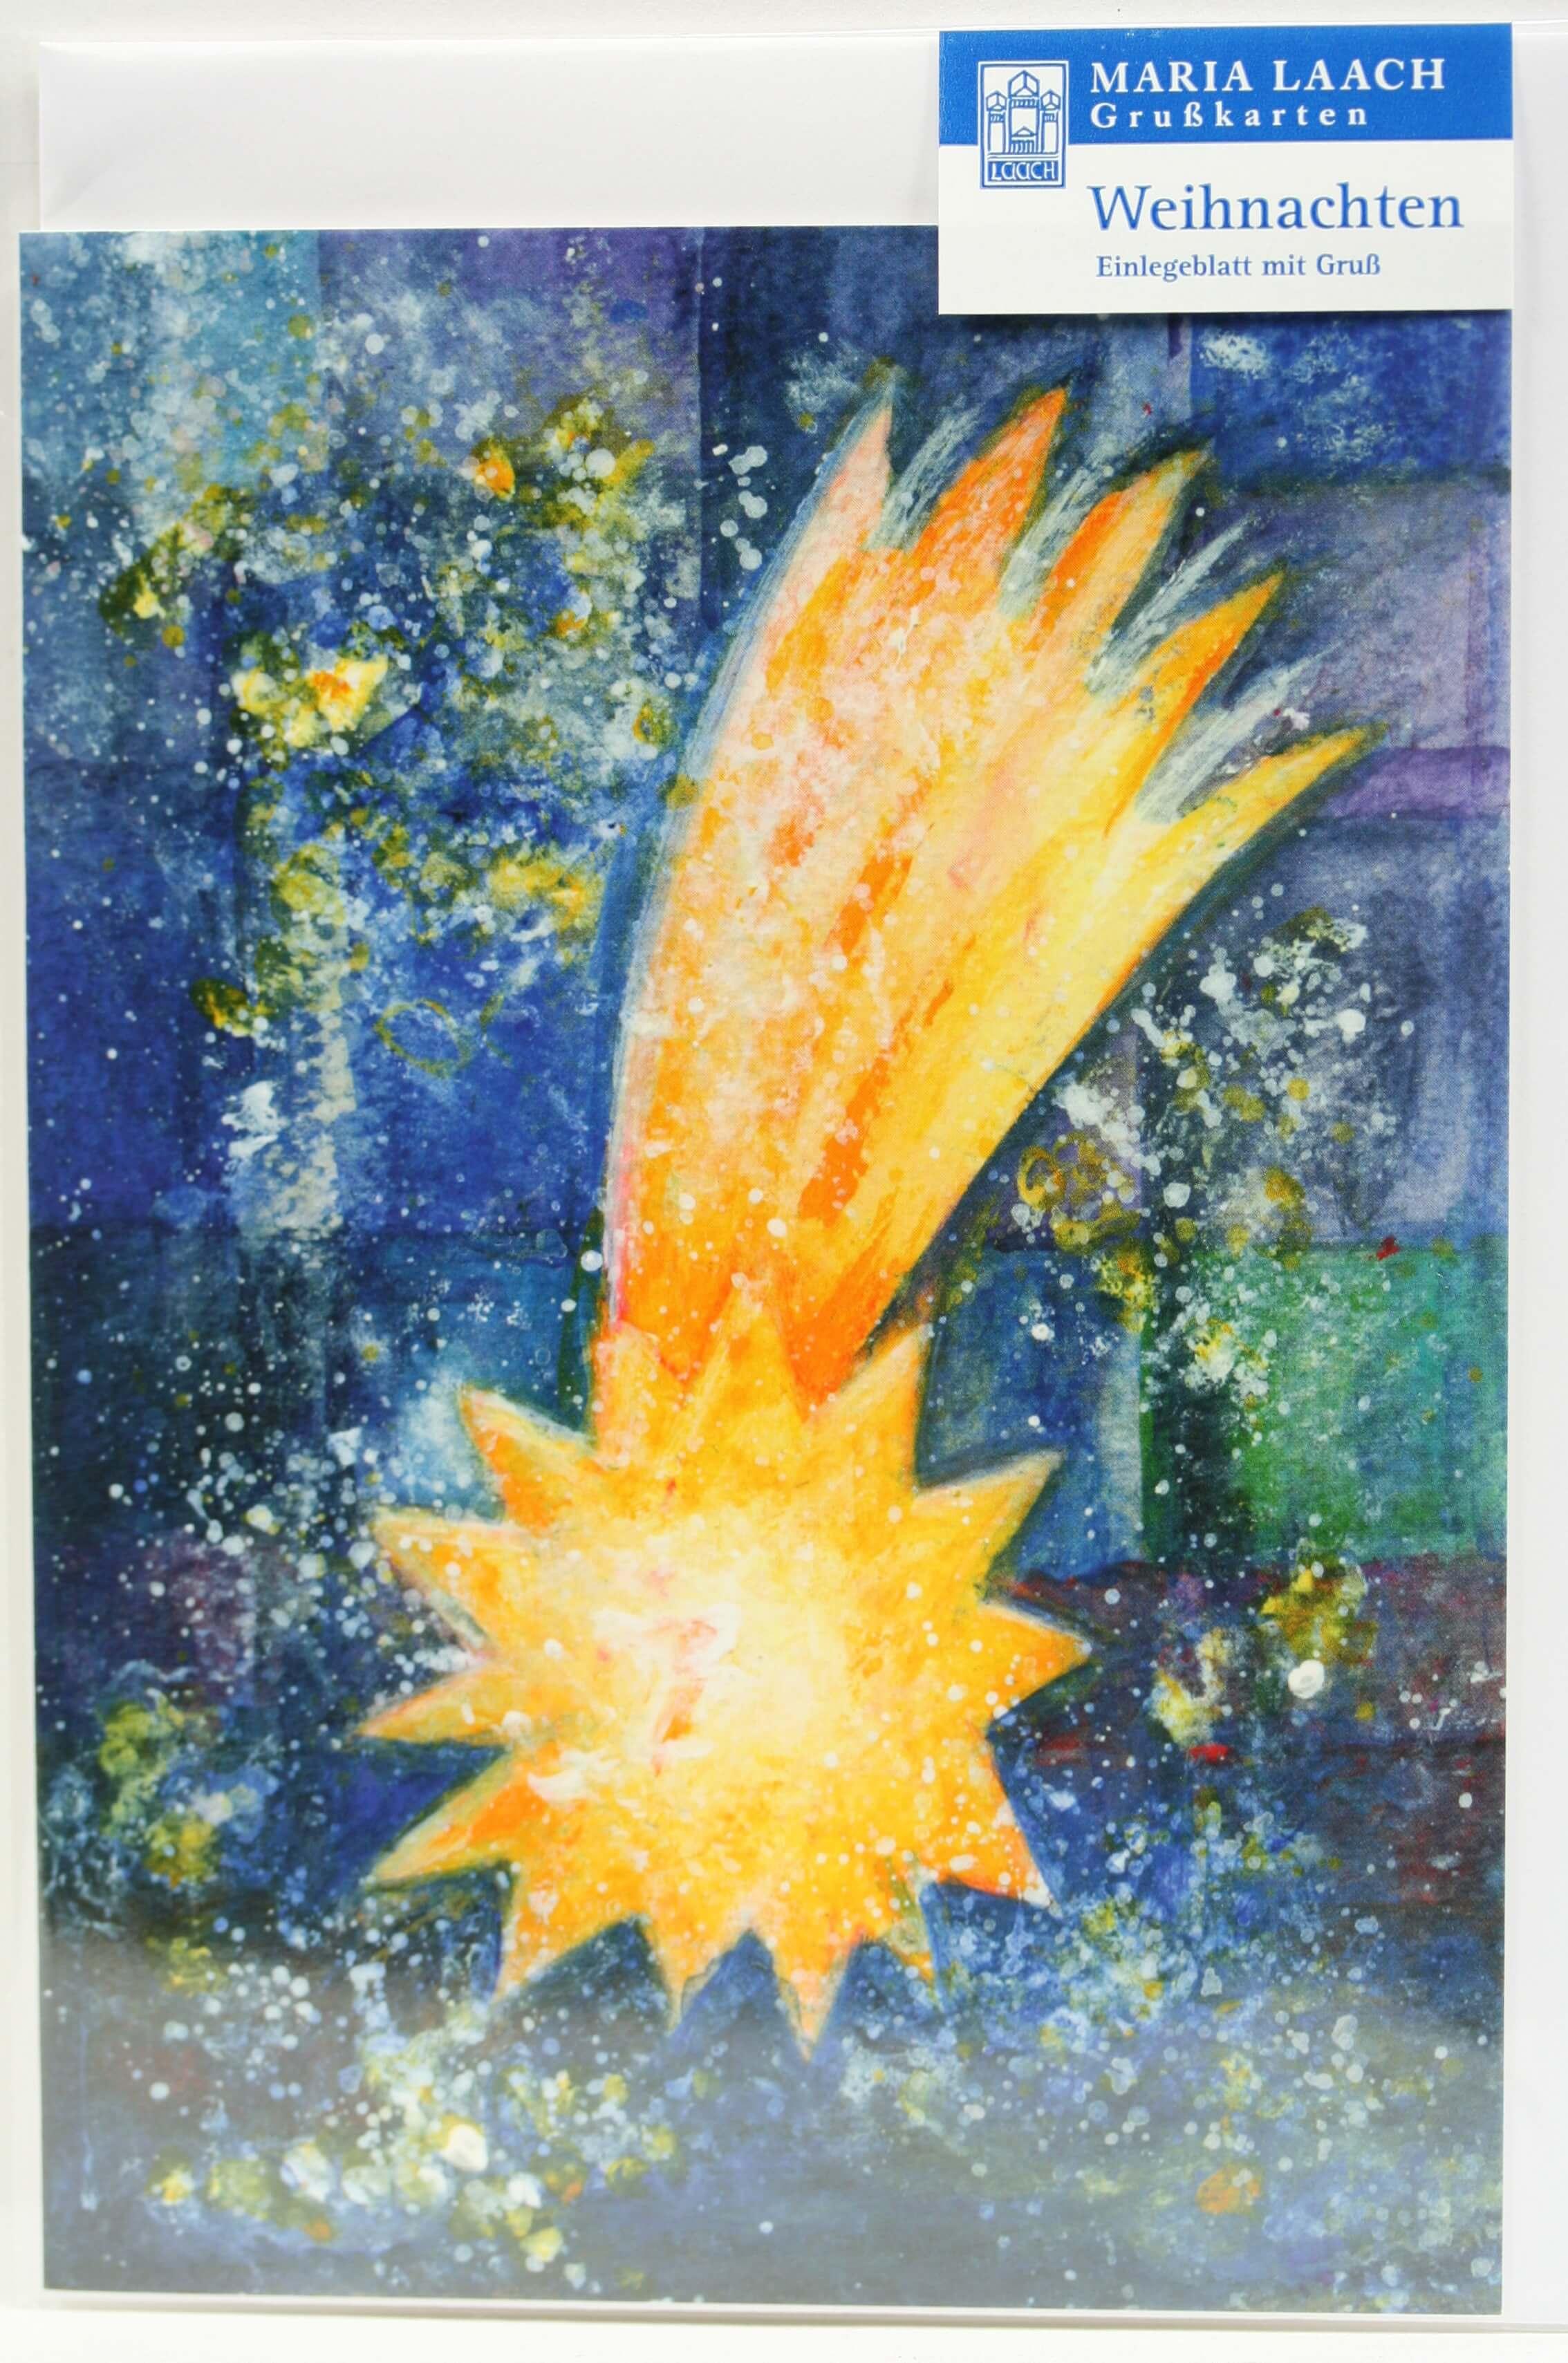 Religiöse Weihnachtskarten.Weihnachtskarte Weihnachtsstern